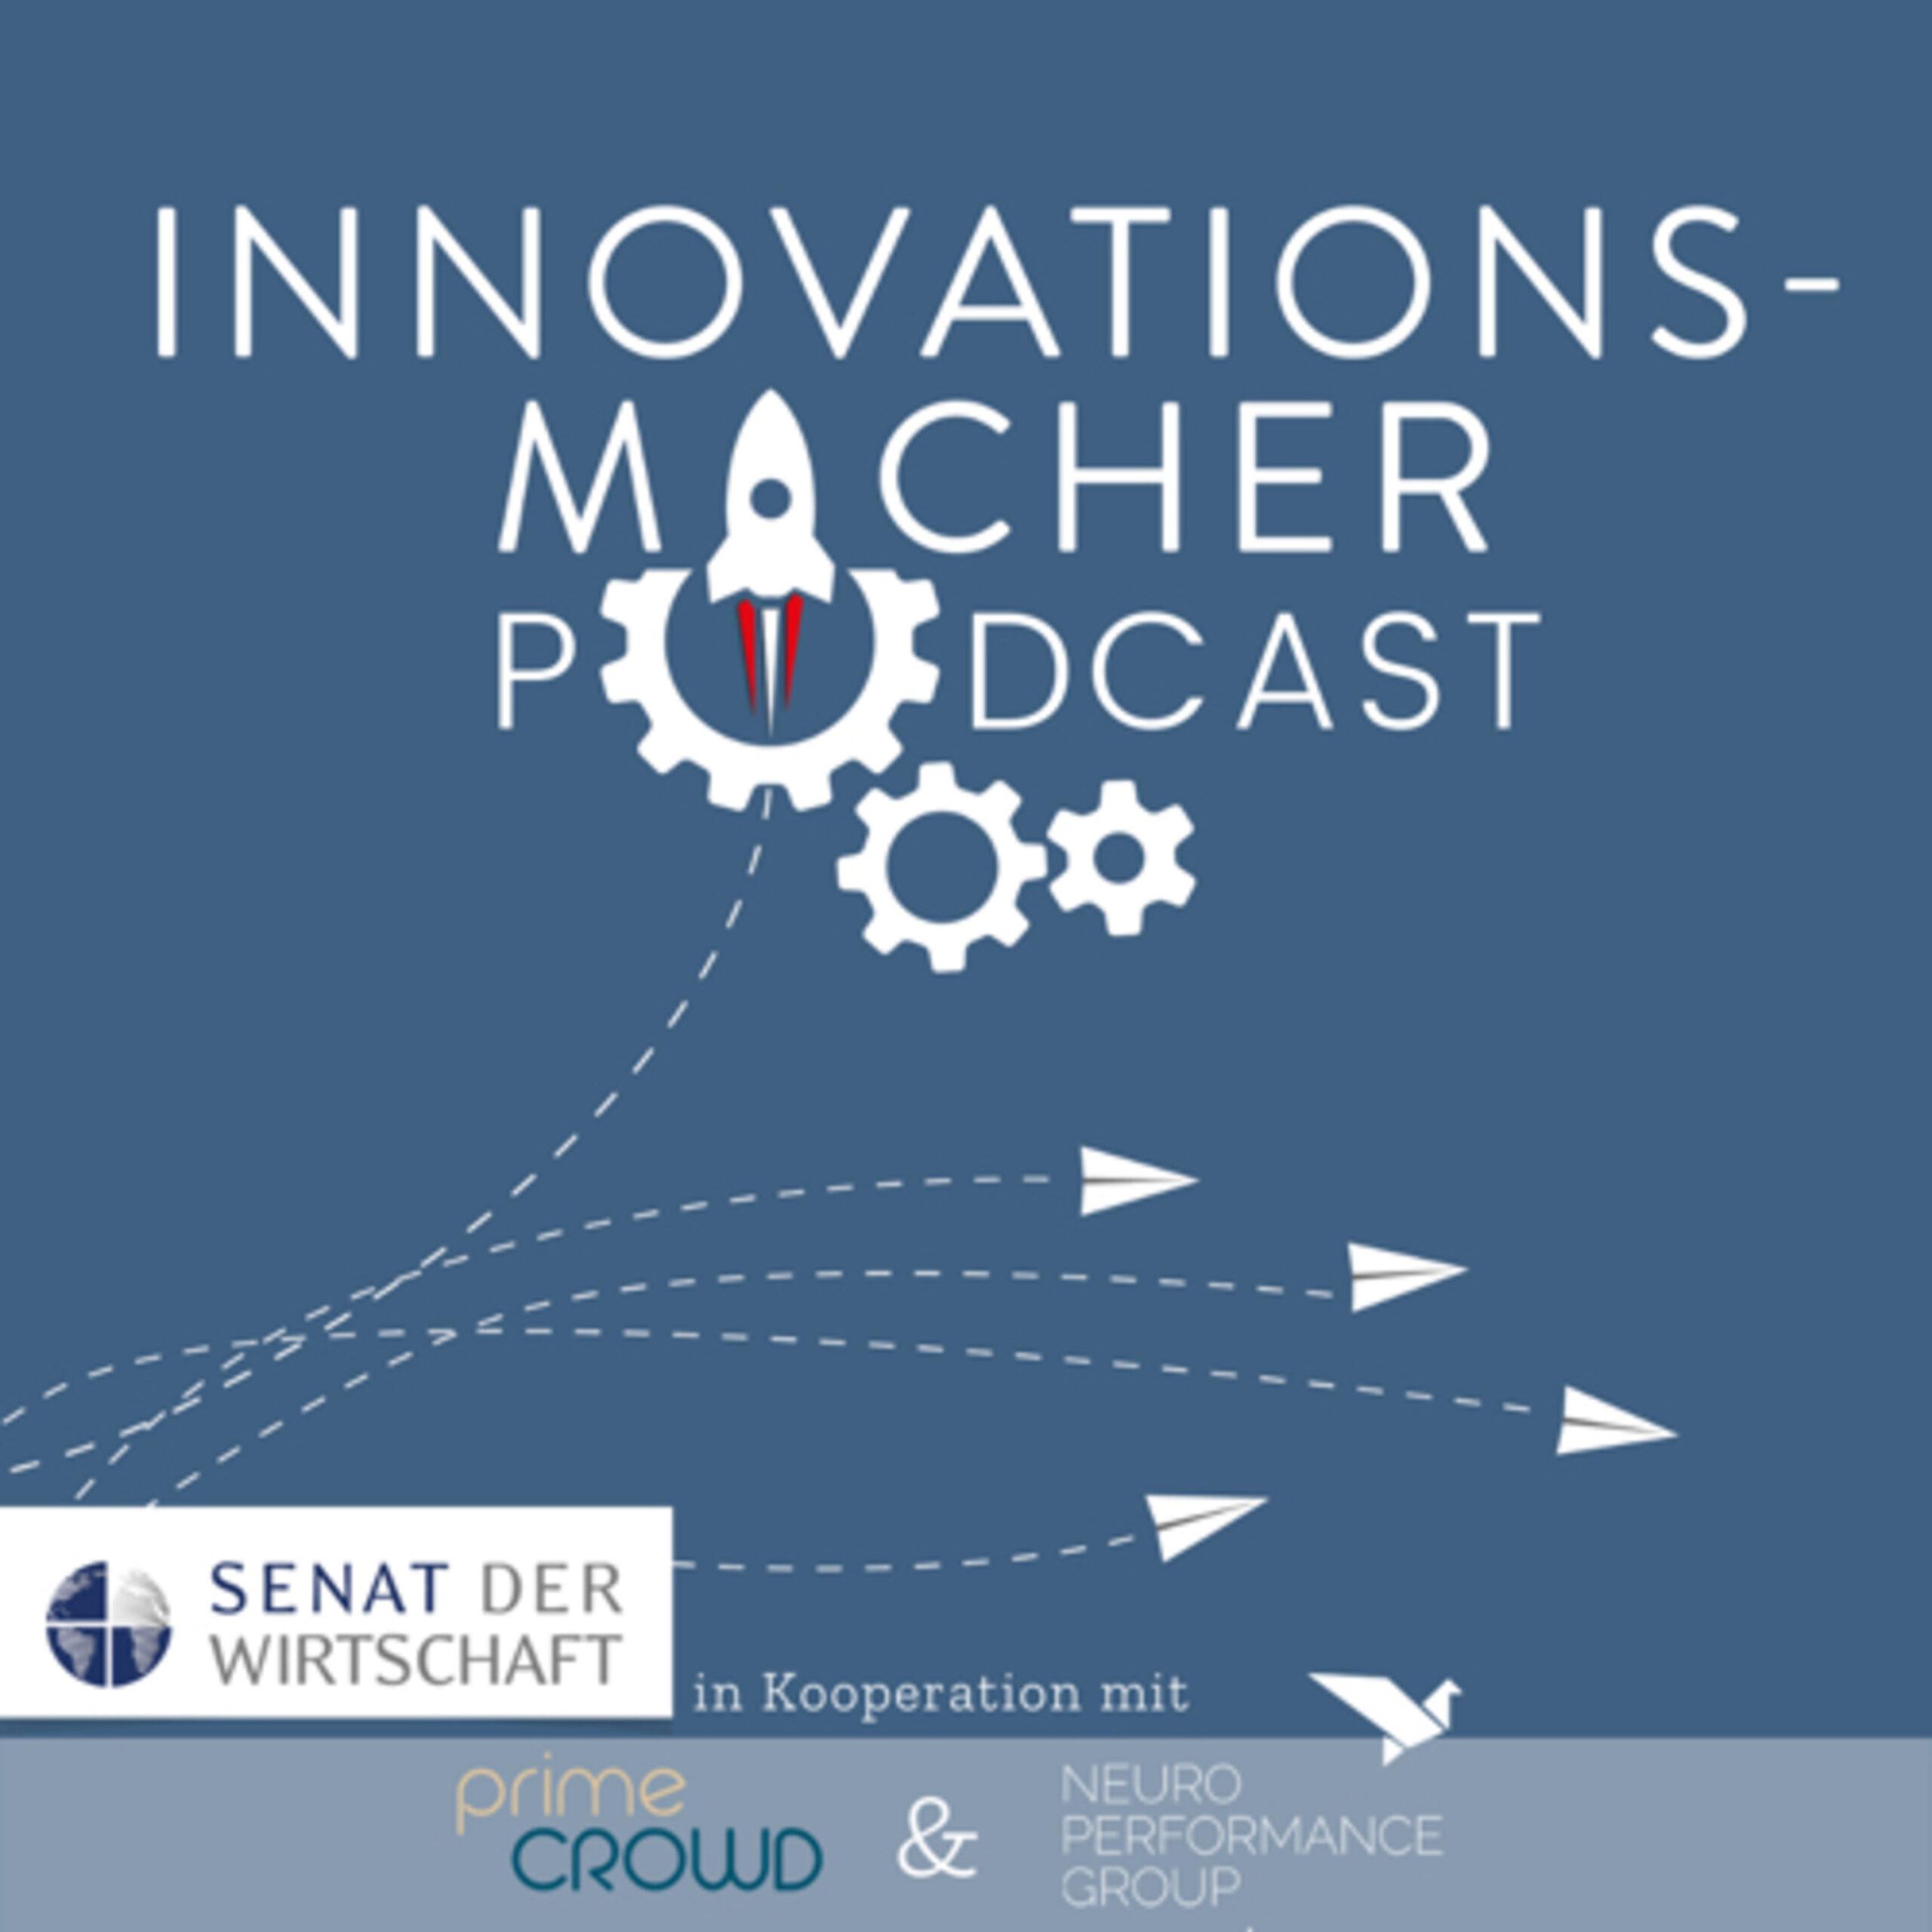 DIM009 – Erfolgreiche Innovation in einfachen Schritten – Gerald Krug-Straßhofer, Geschäftsführer der NeuroPerformanceGroup